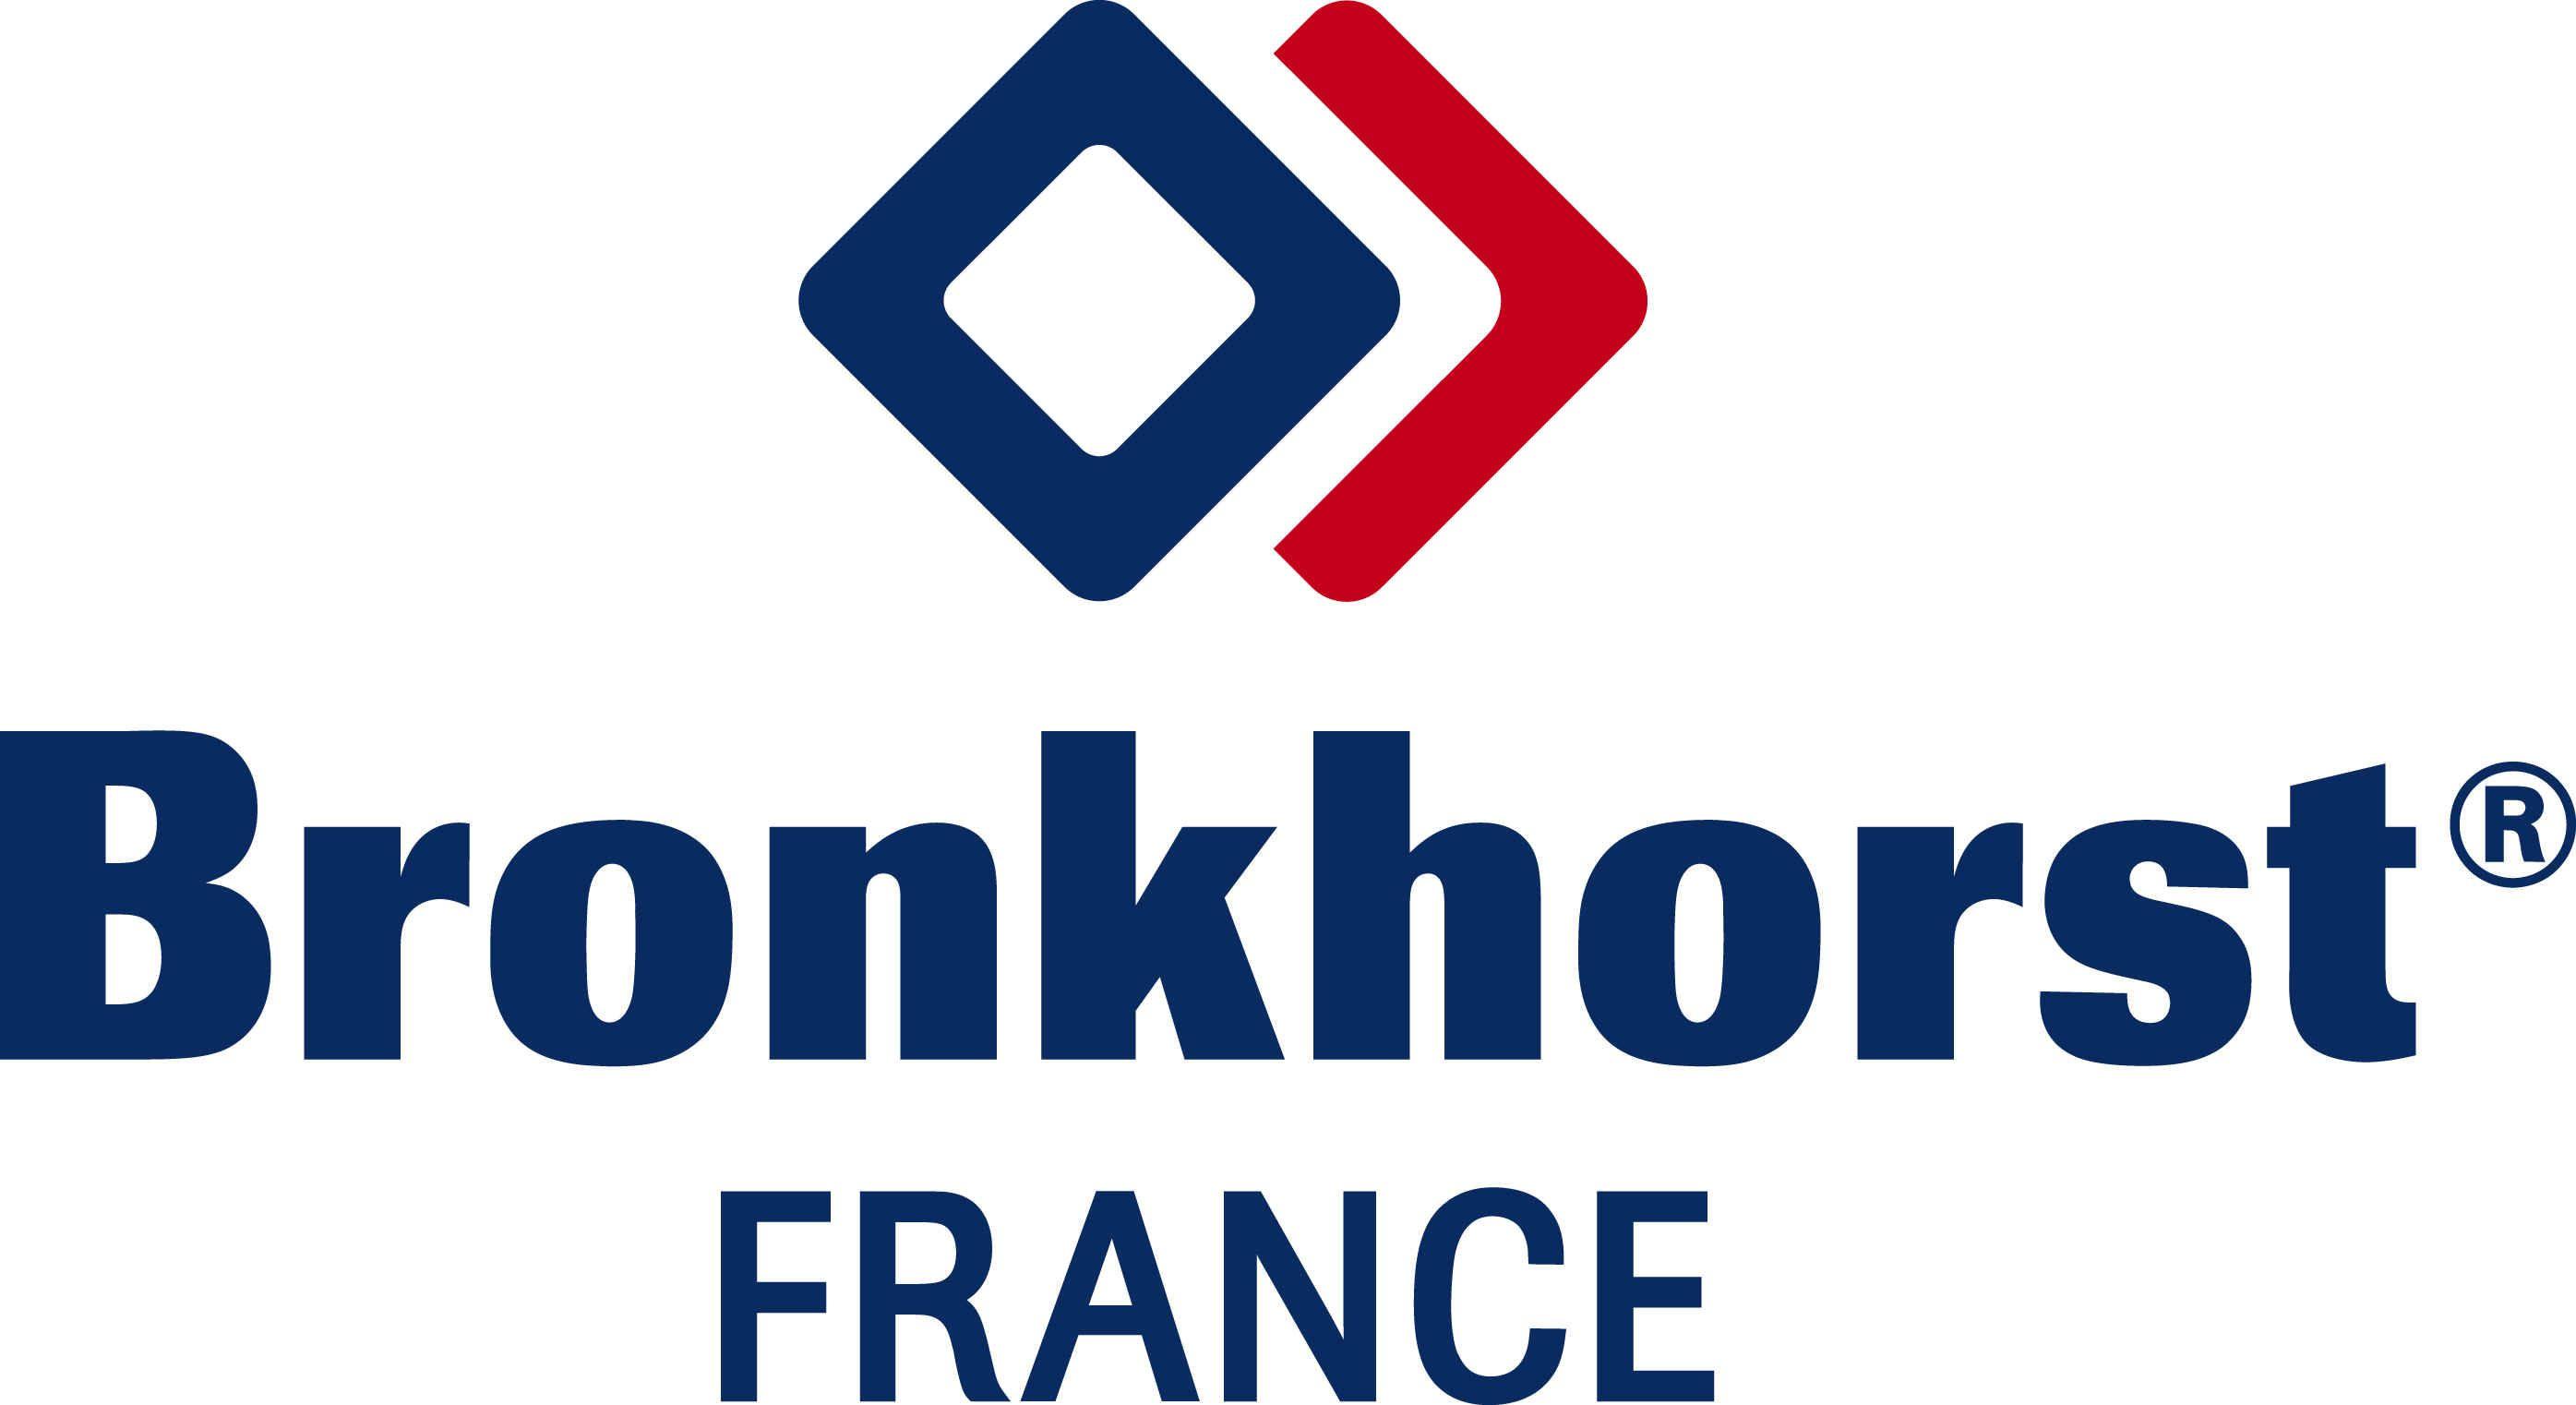 Bronkhorst France